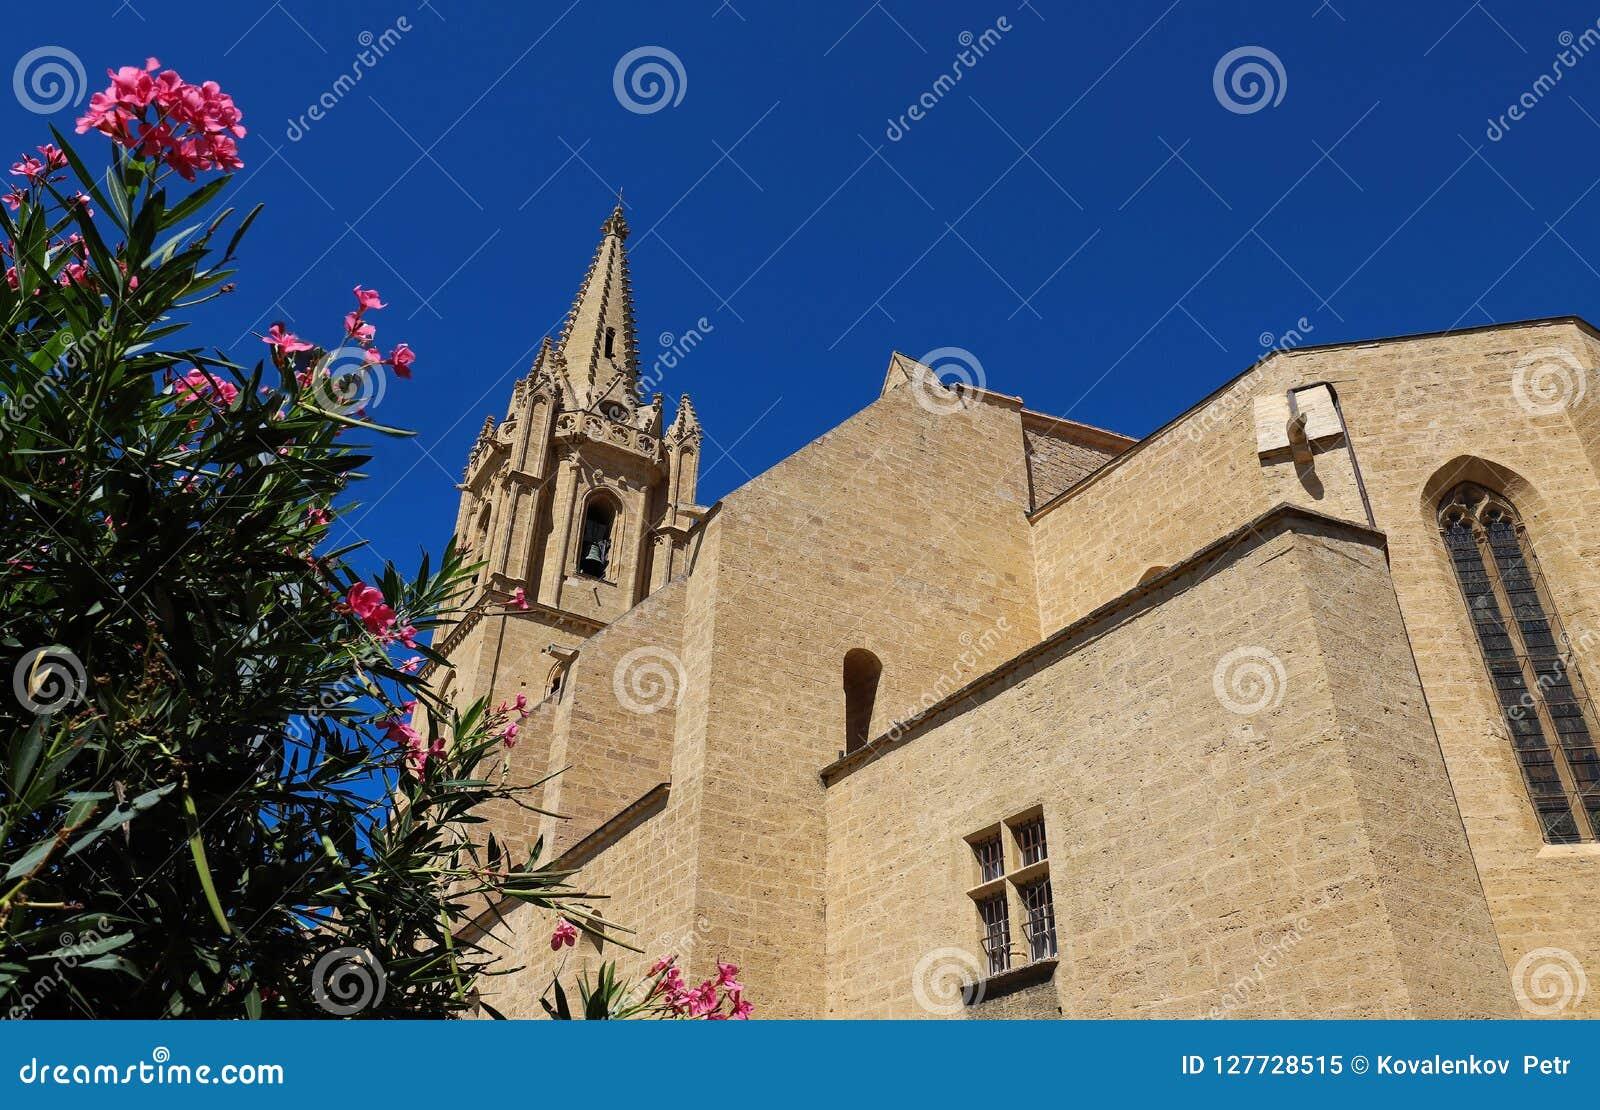 Die kollegiale Kirche Saint Laurent ist ein ausgezeichnetes Beispiel Frankreich-` s meridionaler gotischer Art Salon de Provence,